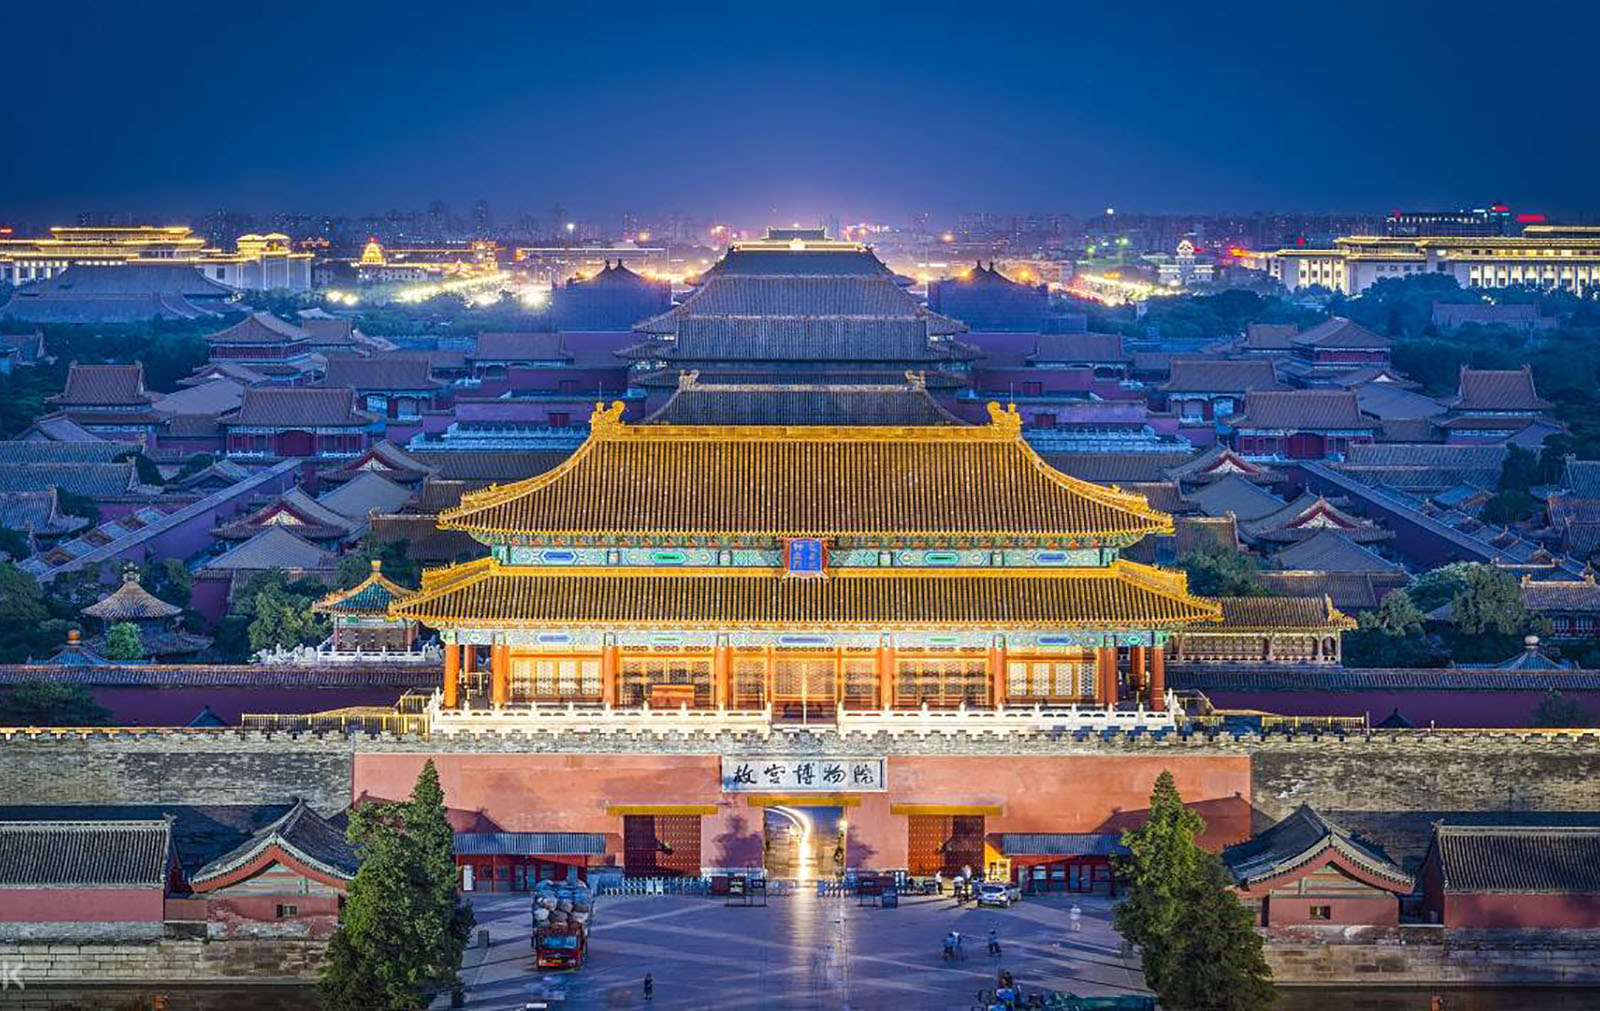 Merveilles de la Chine 2020